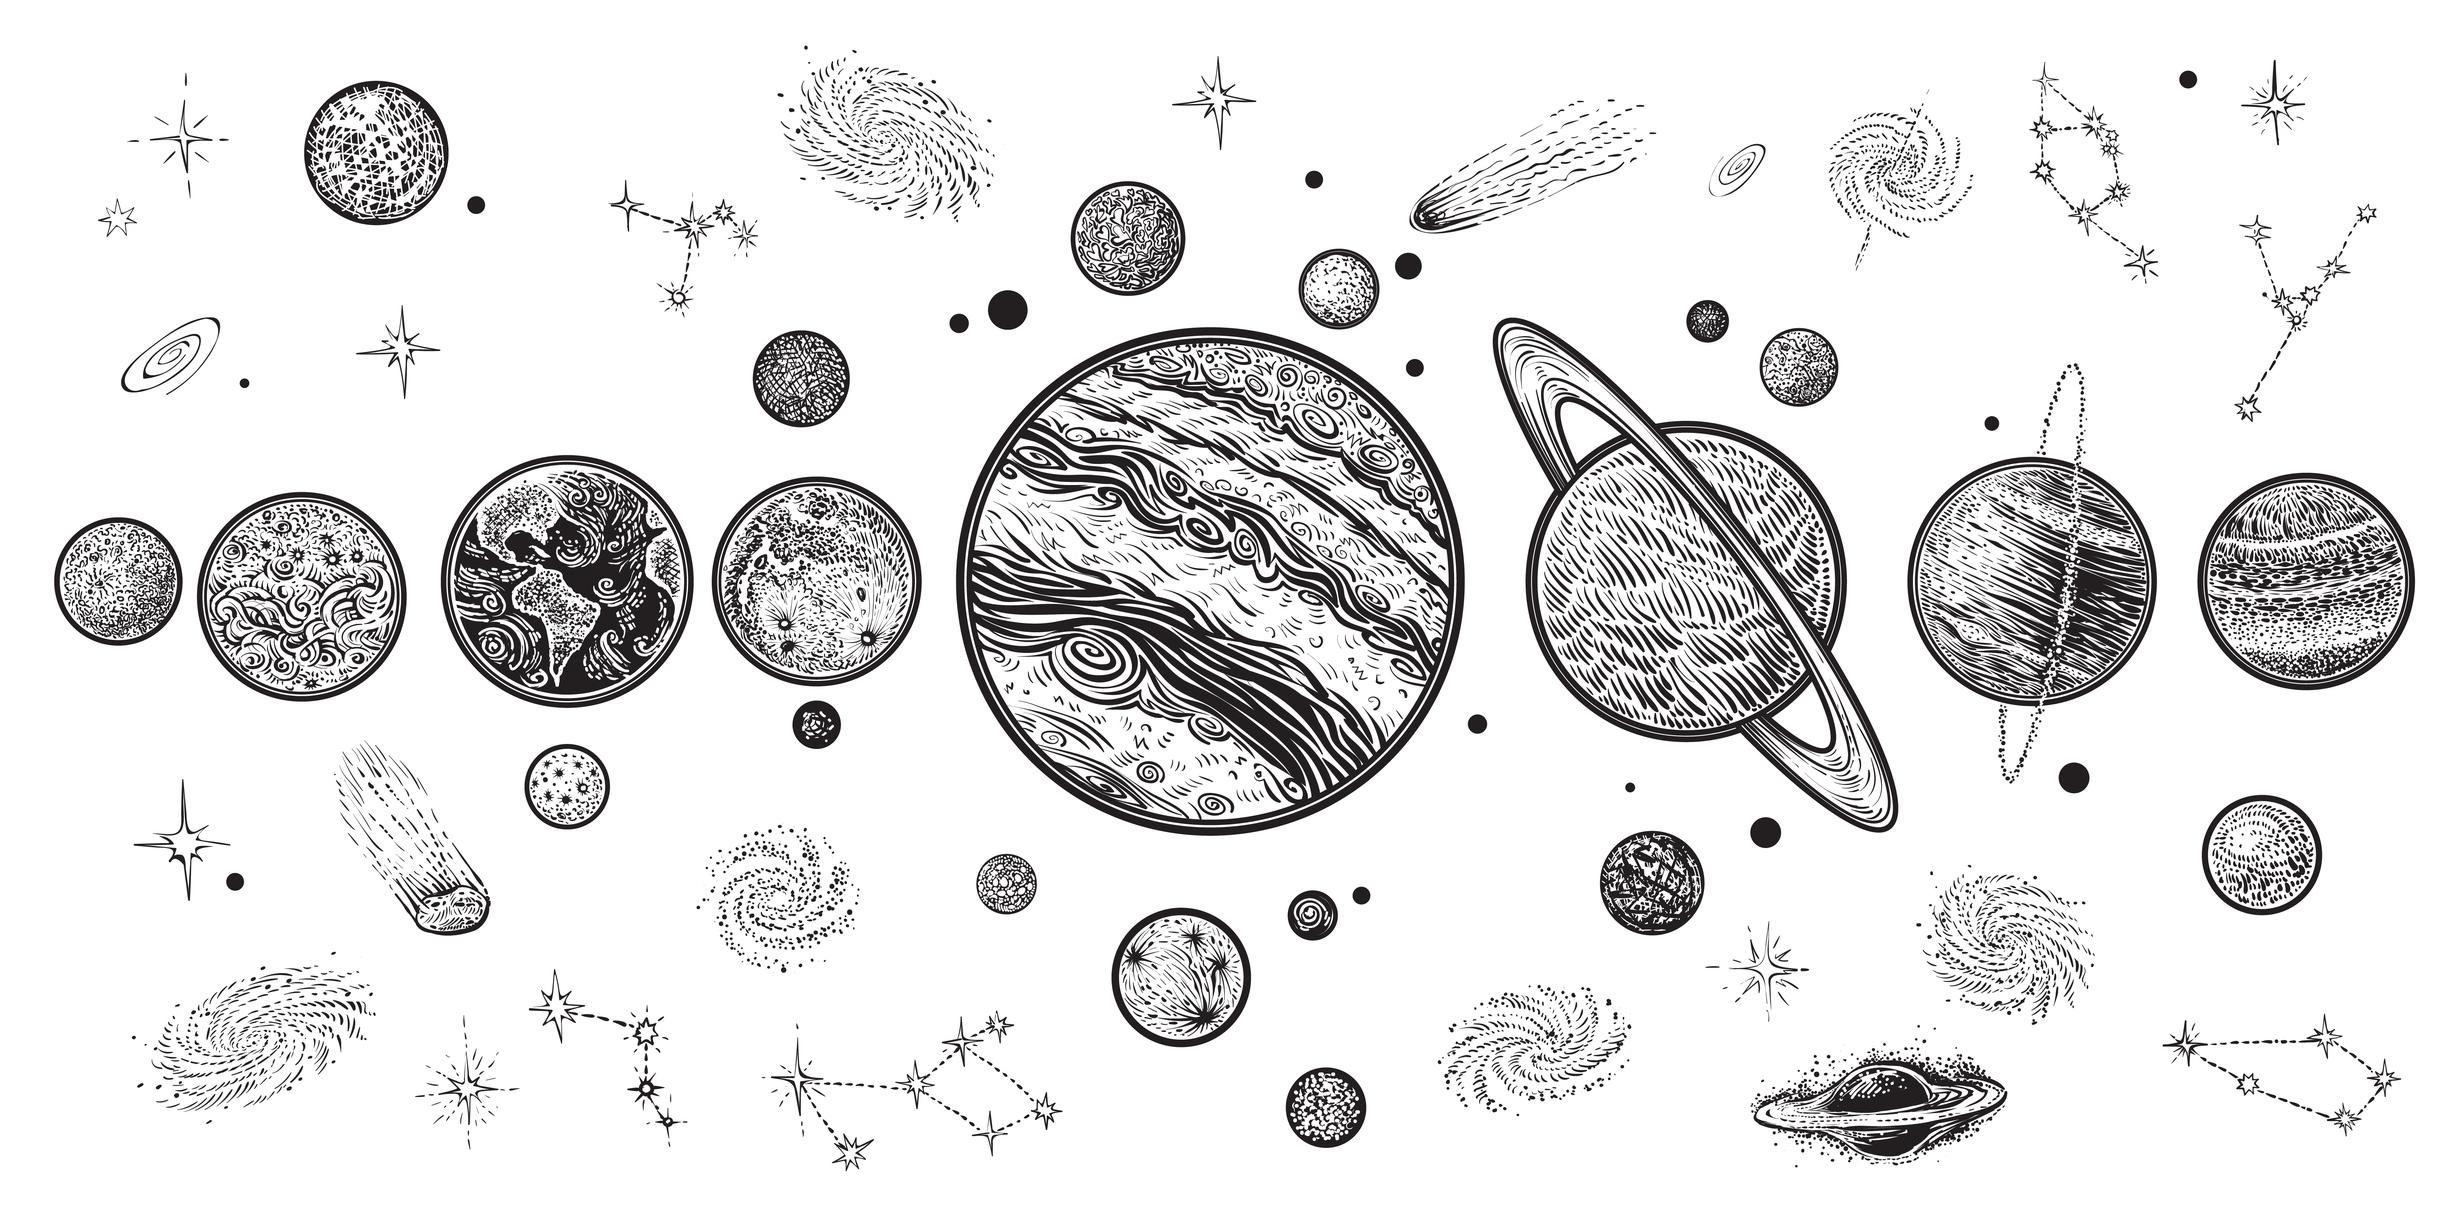 planet tattoo bedeutung der planeten und motiv ideen. Black Bedroom Furniture Sets. Home Design Ideas